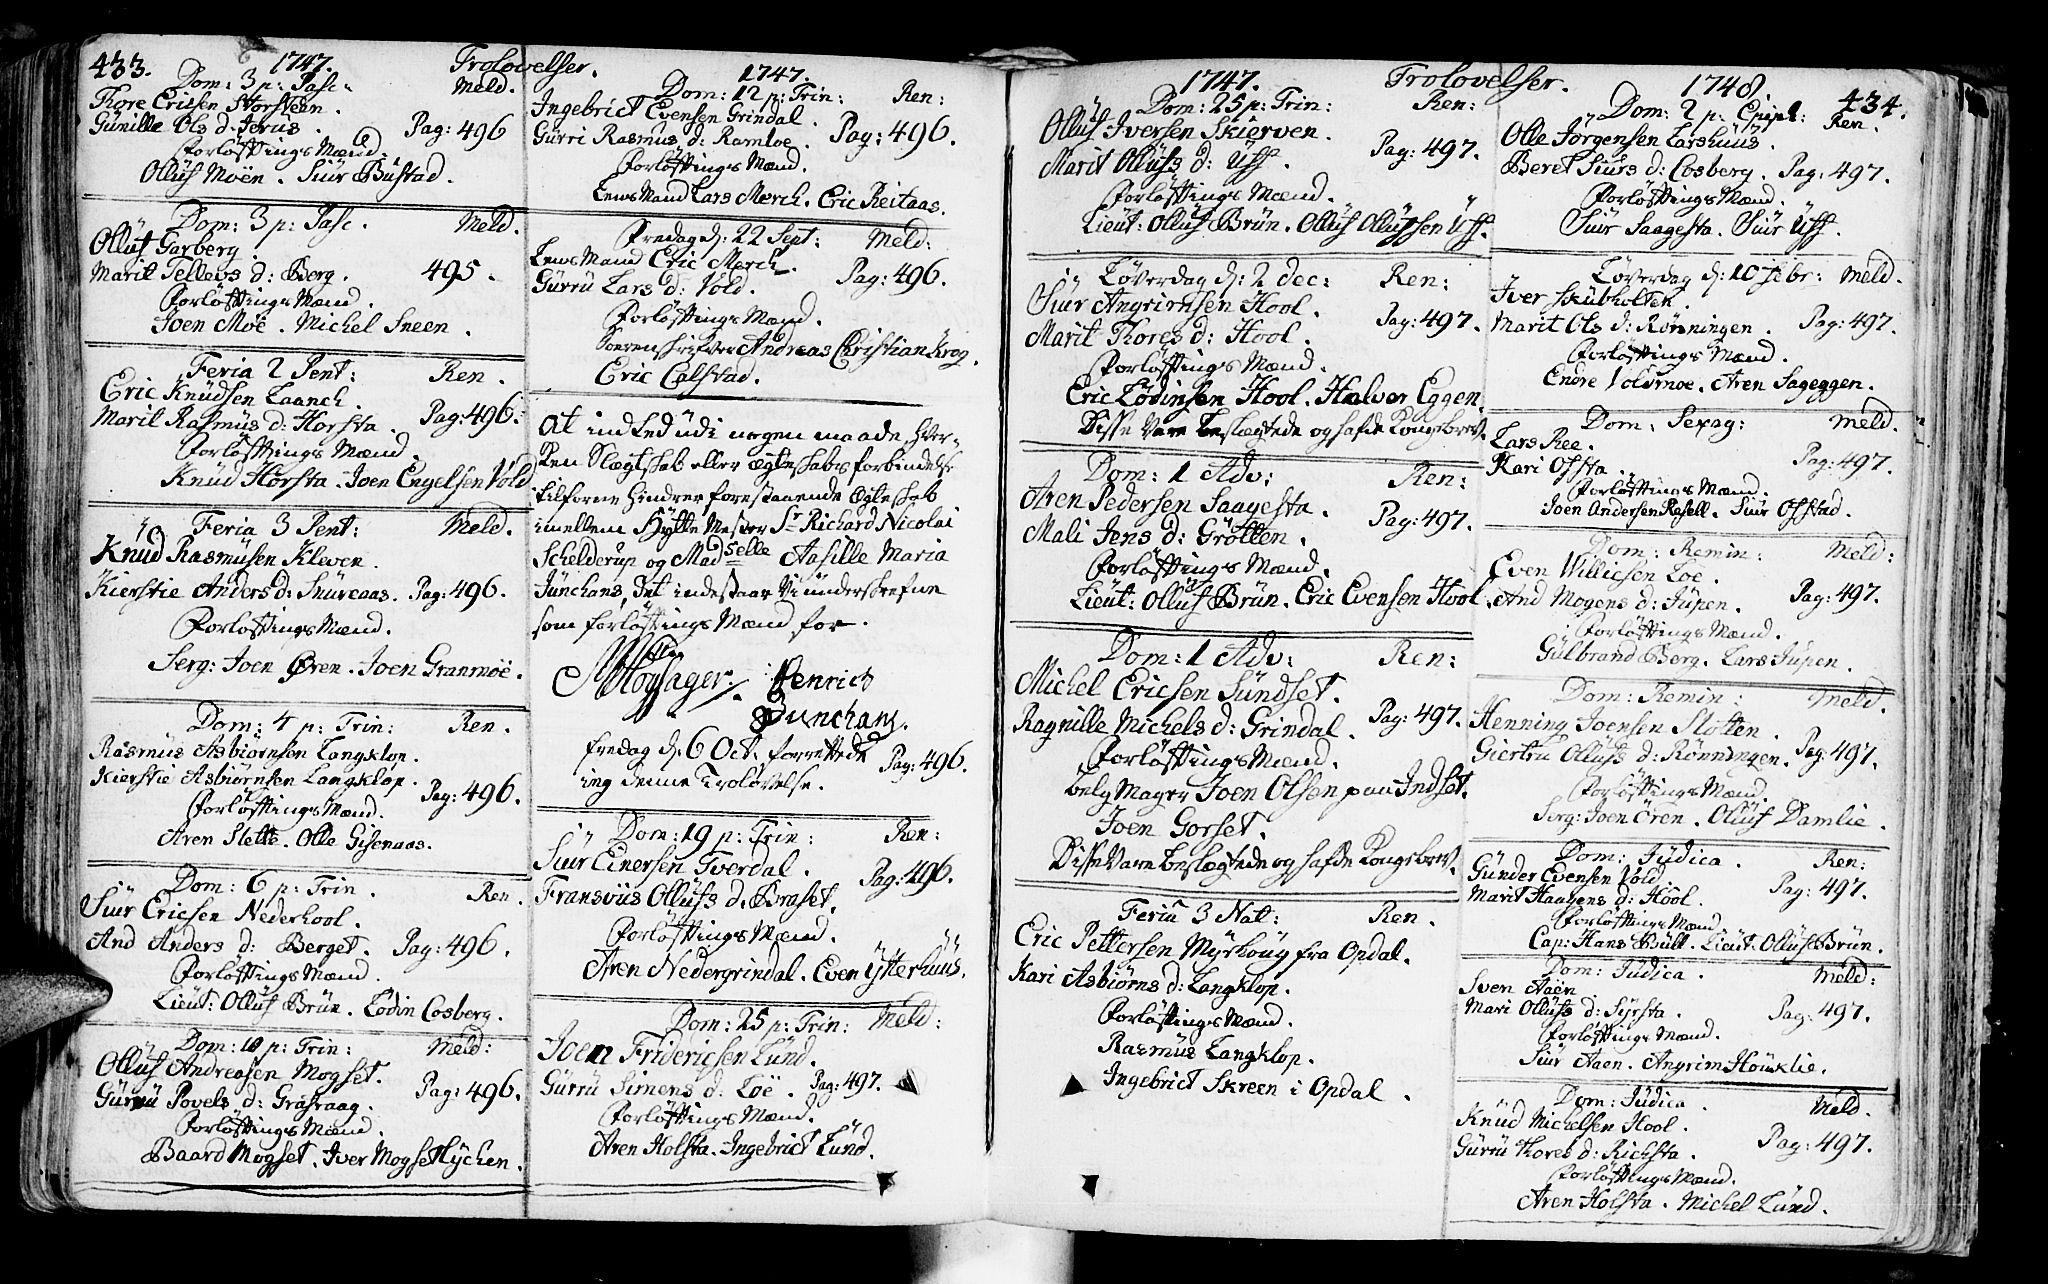 SAT, Ministerialprotokoller, klokkerbøker og fødselsregistre - Sør-Trøndelag, 672/L0850: Ministerialbok nr. 672A03, 1725-1751, s. 433-434